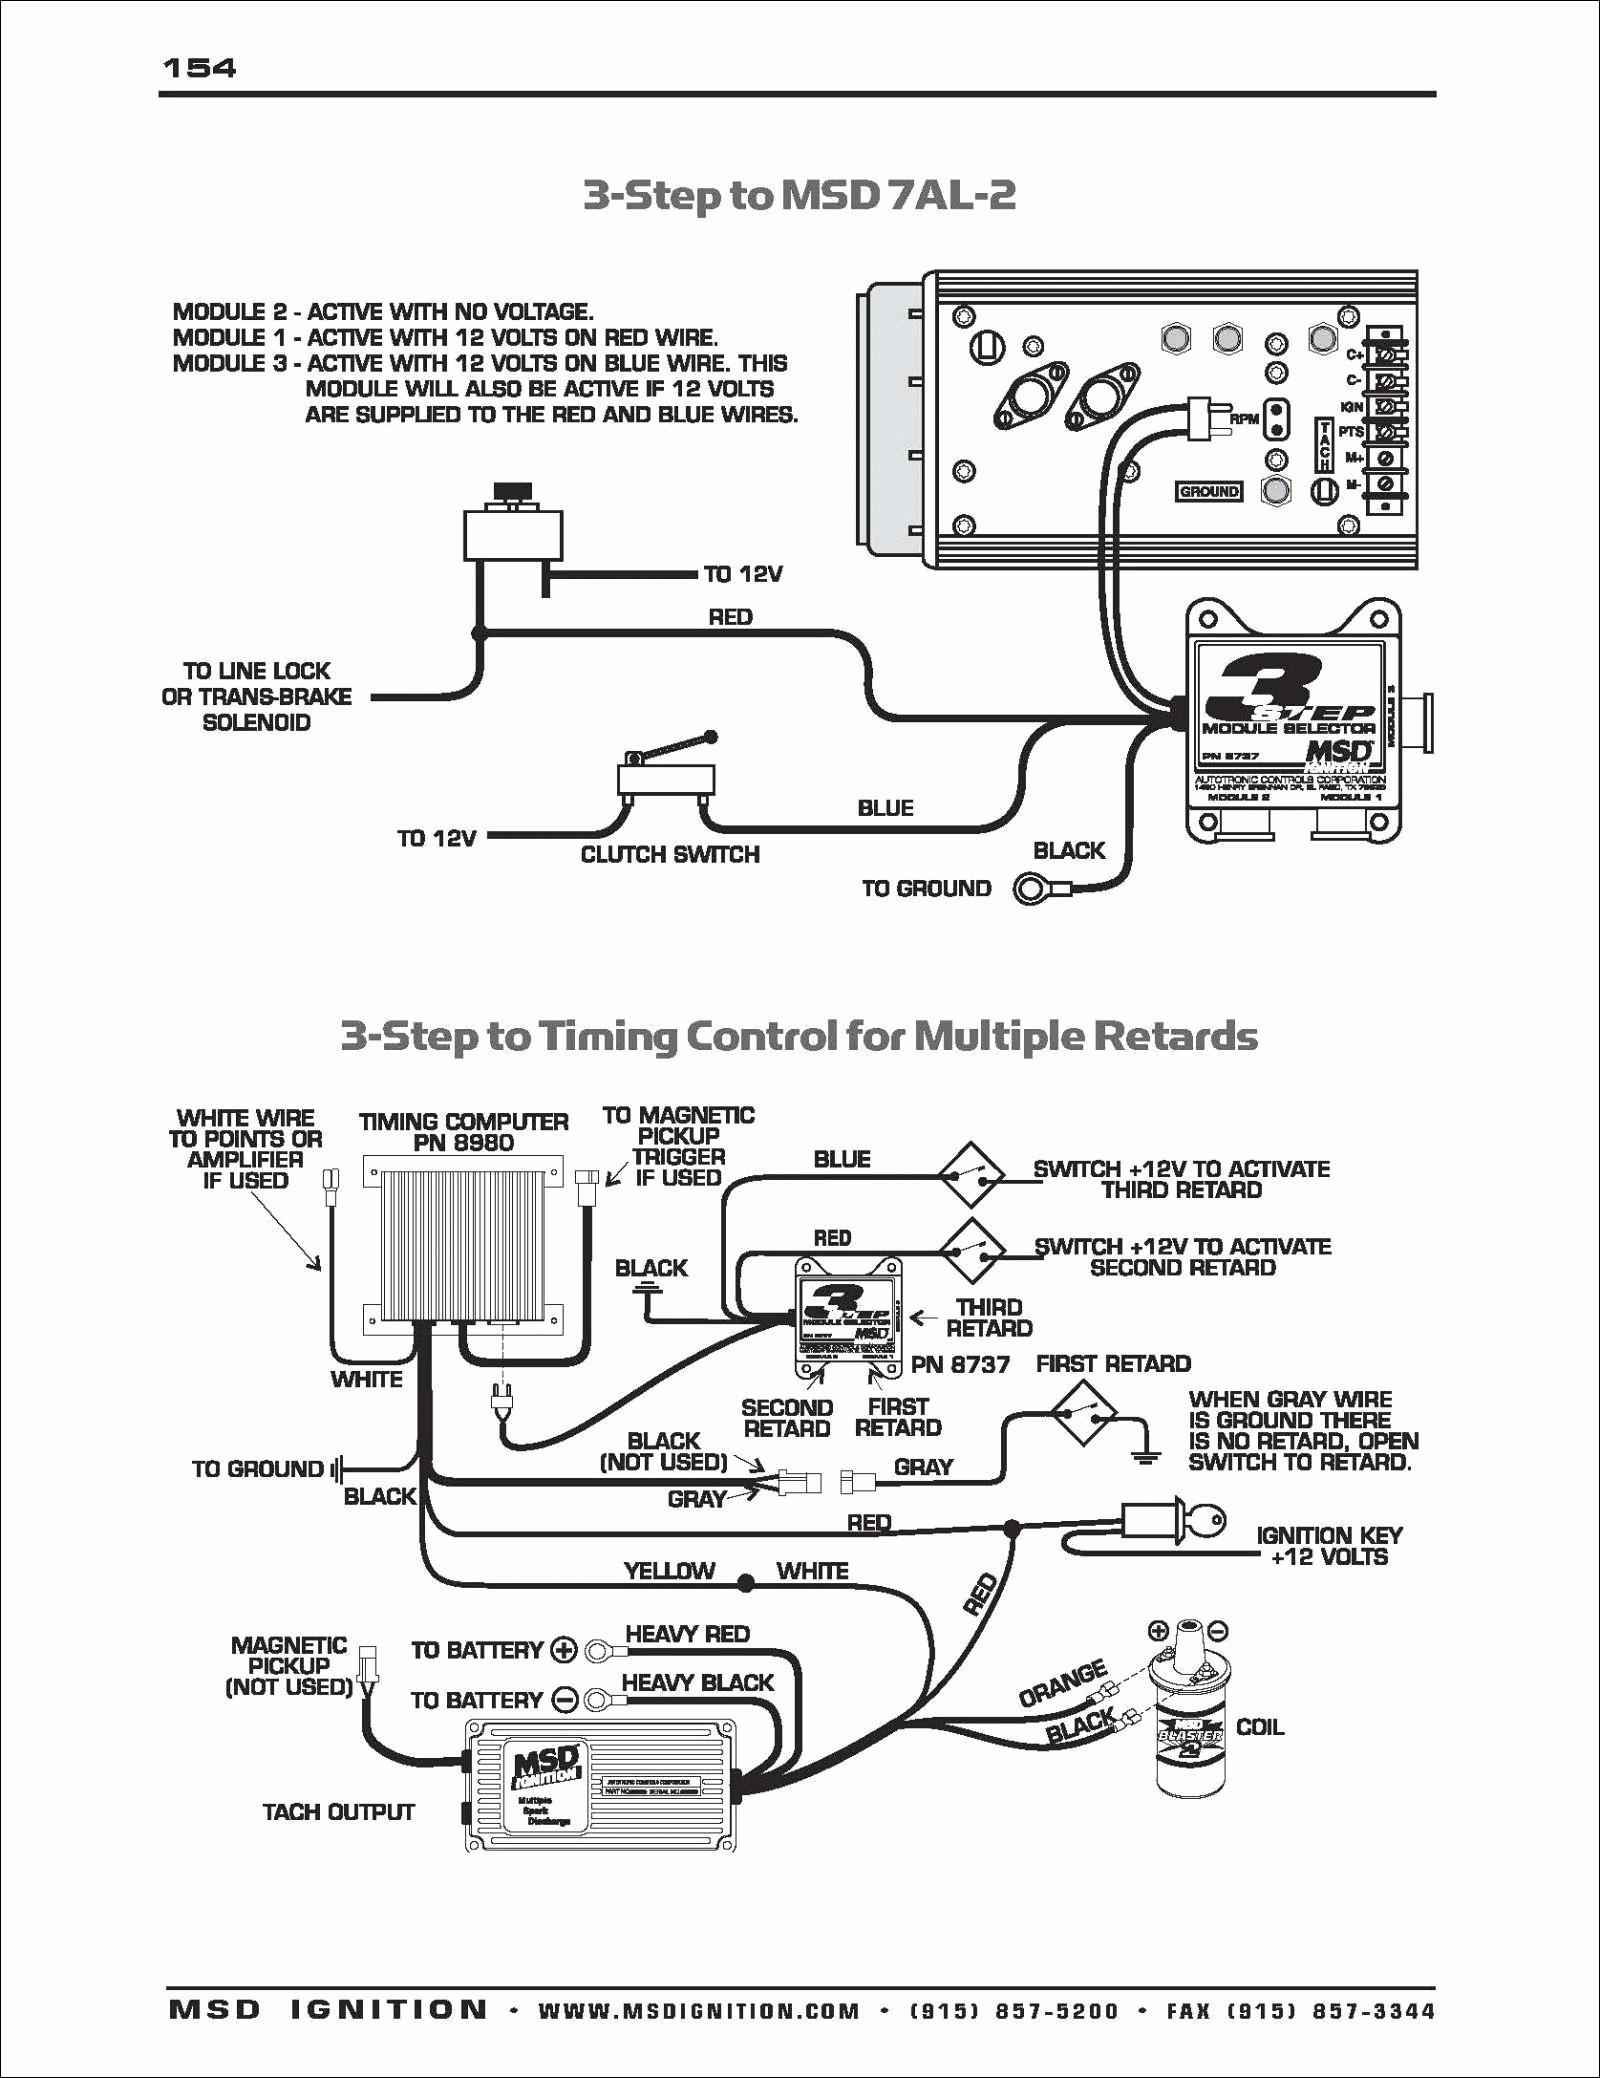 Kenwood Model Kdc Mp142 Wiring Diagram | Wiring Diagram - Kenwood Kdc 138 Wiring Diagram